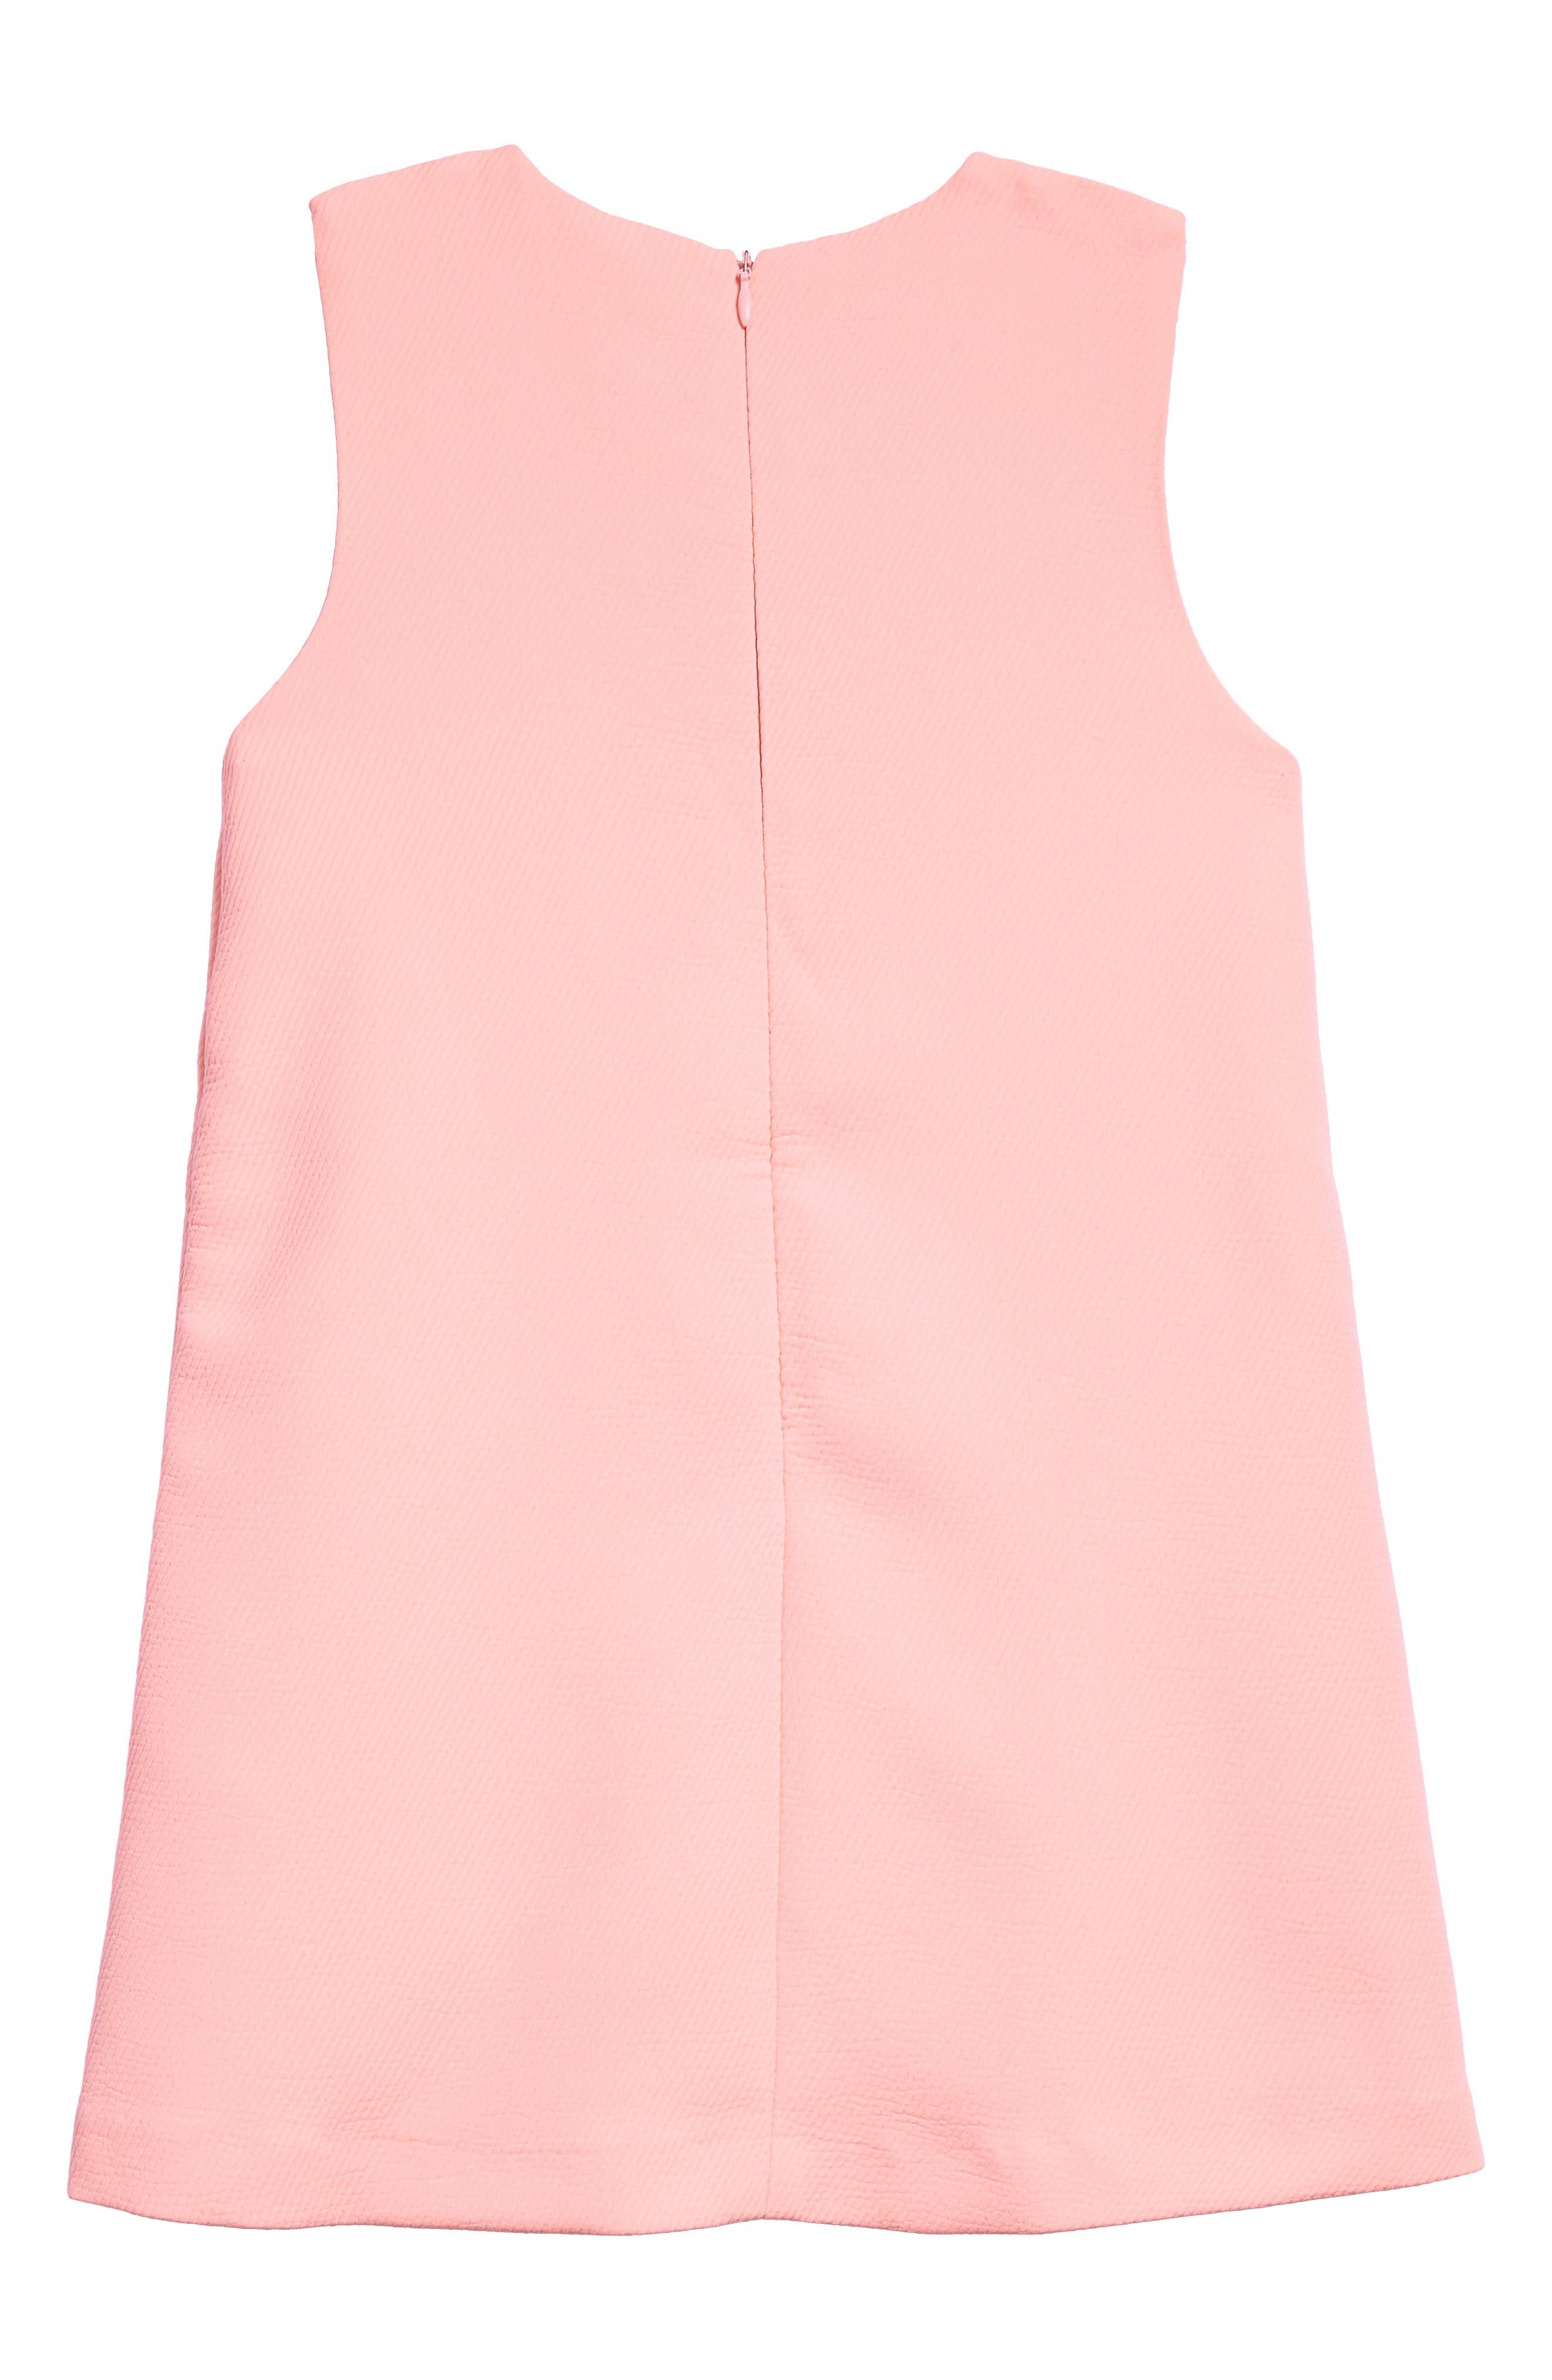 Alternate Image 2  - Doe a Dear Mod Sleeveless Shift Dress (Toddler Girls, Little Girls & Big Girls)